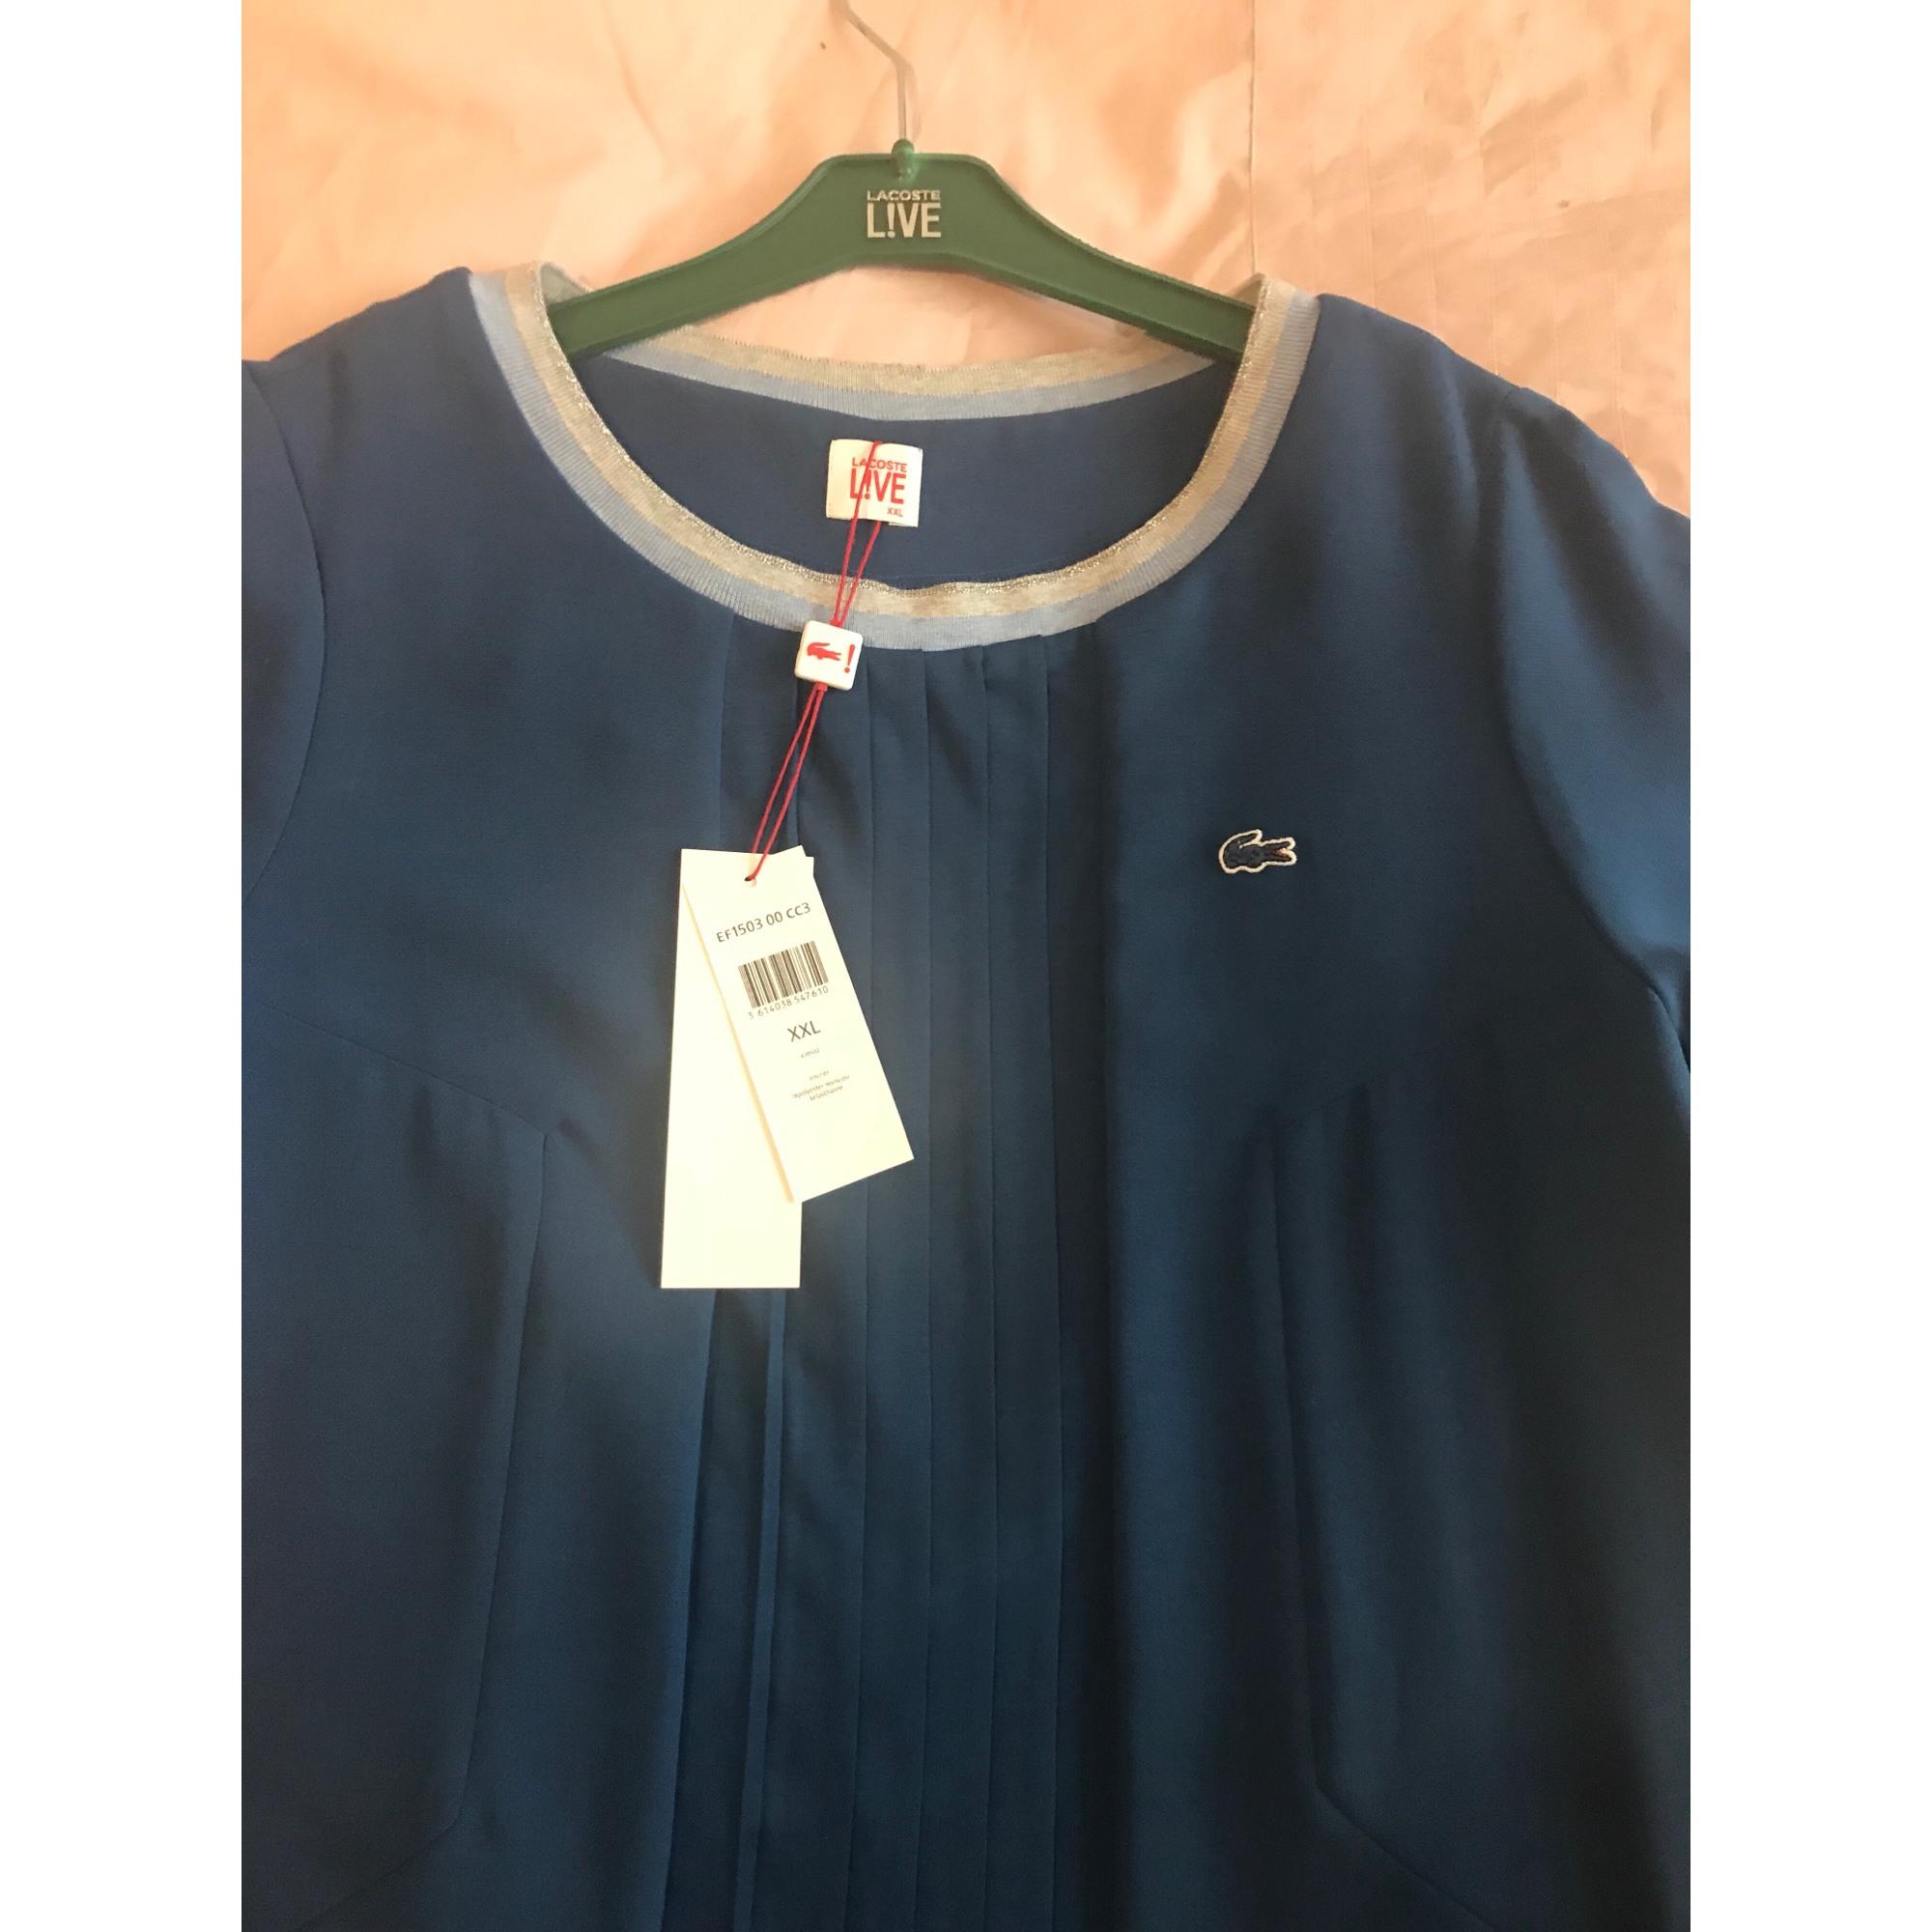 e32cf09c5d Robe tunique LACOSTE 44 (XL/XXL, T5) bleu vendu par Ioana 43 - 7305629